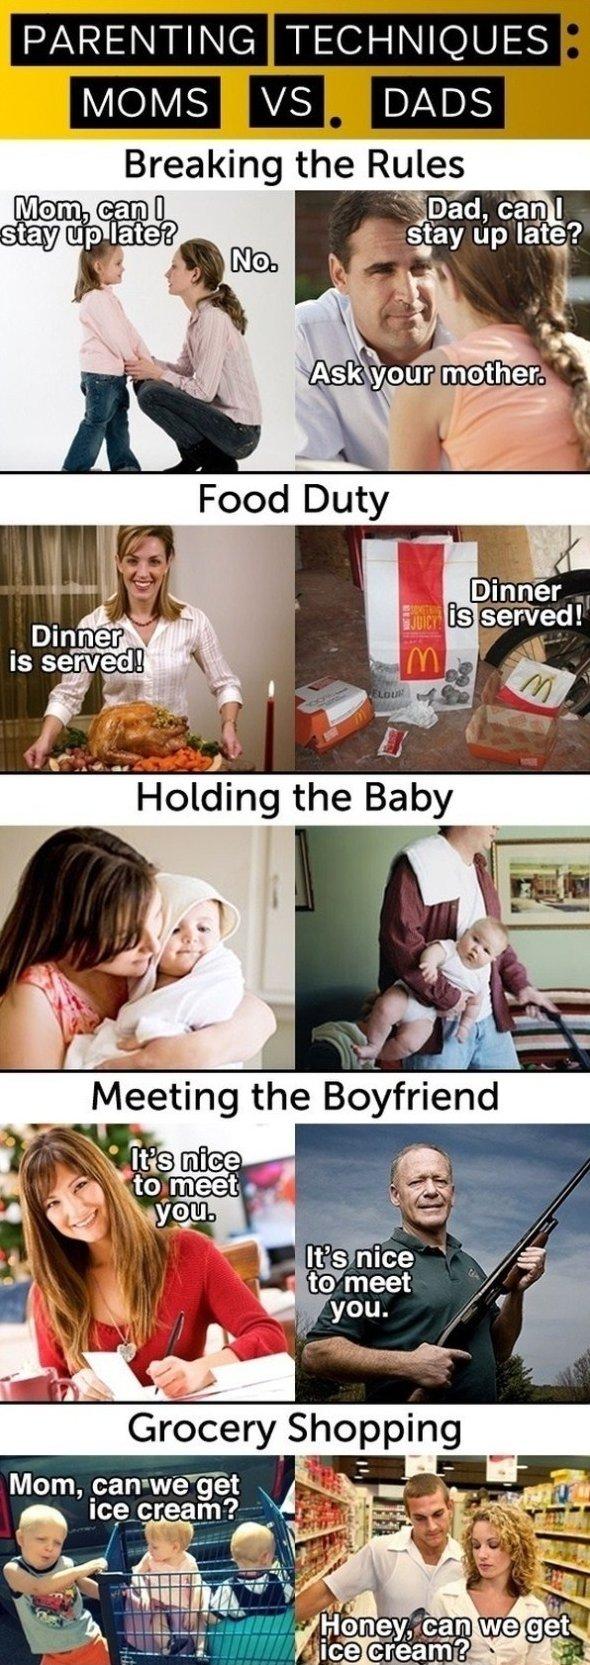 Moms vs. Dads